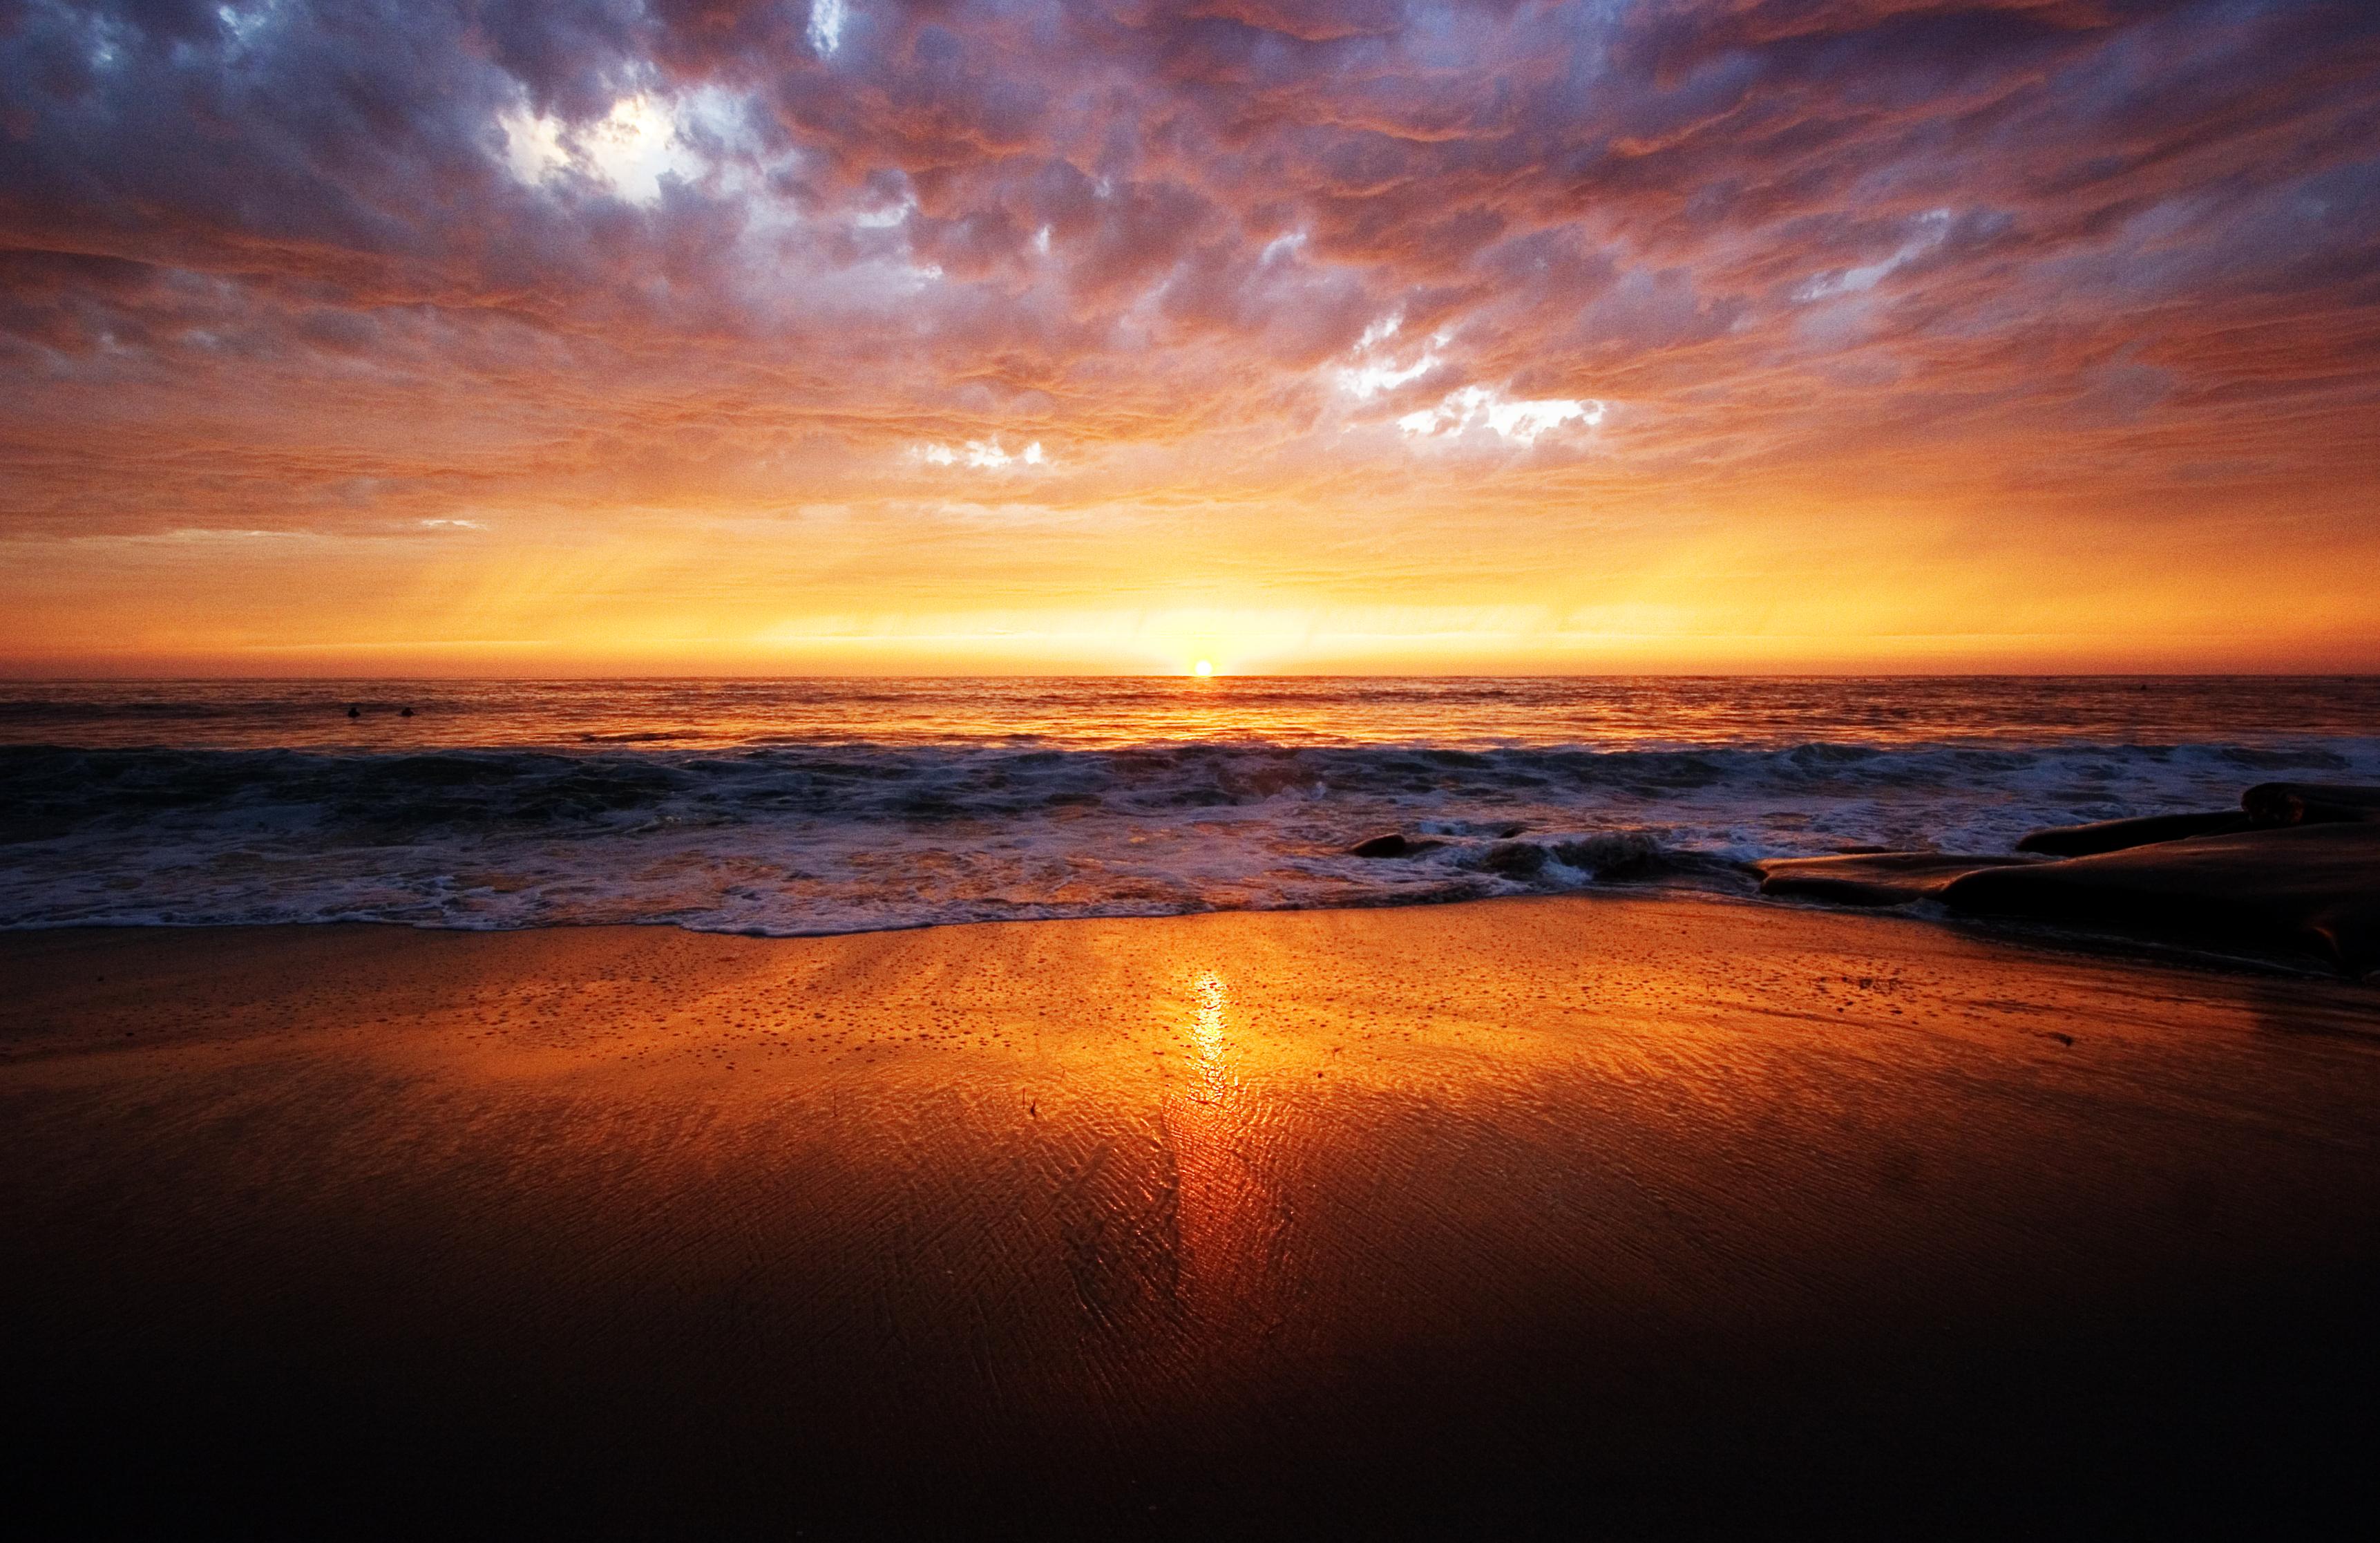 Westcoast sunset photo